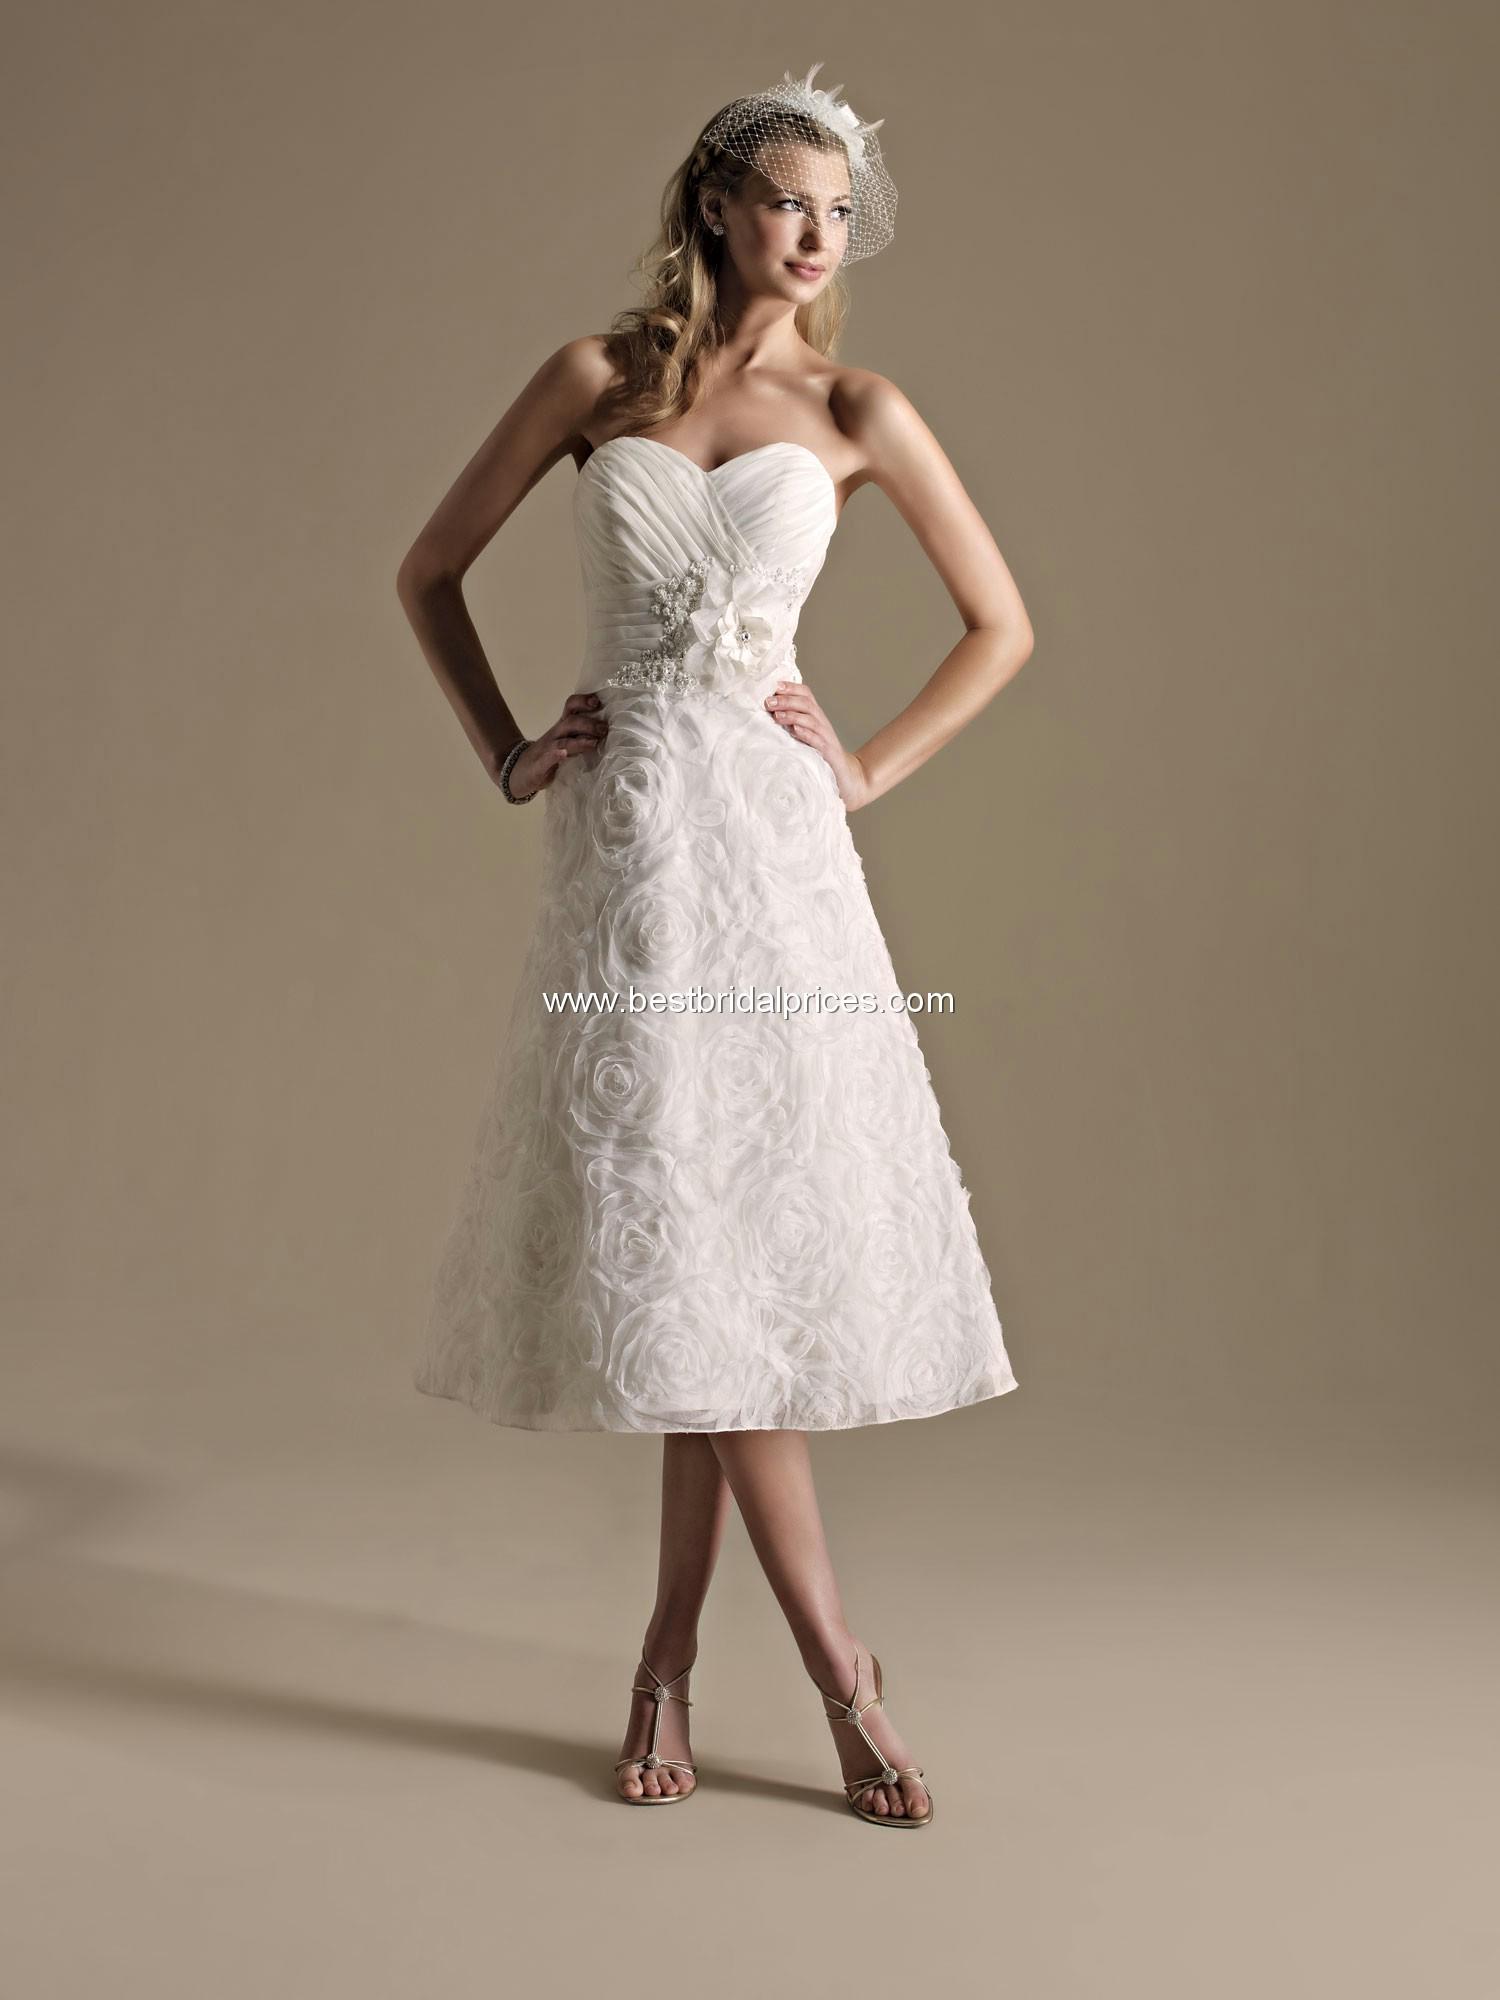 Top Ten Wedding Dress Style In 2013 Tea Length Wedding